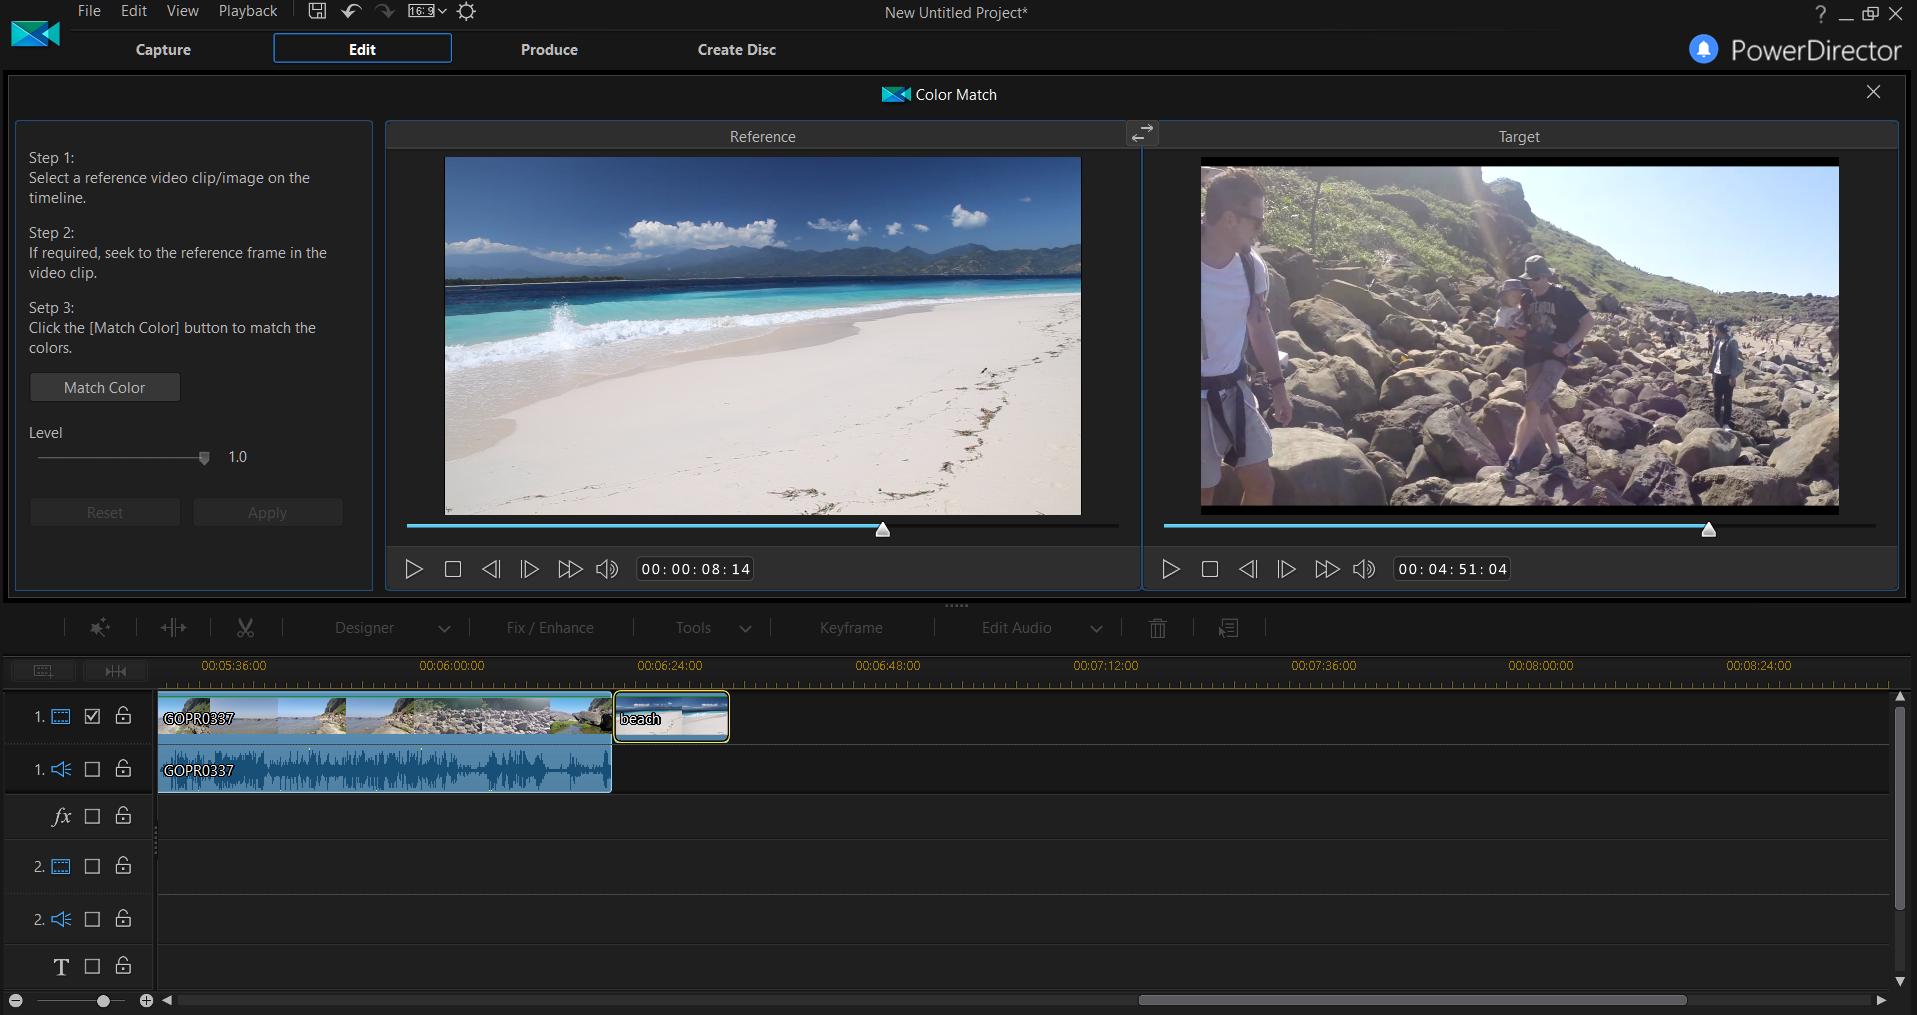 PowerDirector Ultra Screenshot